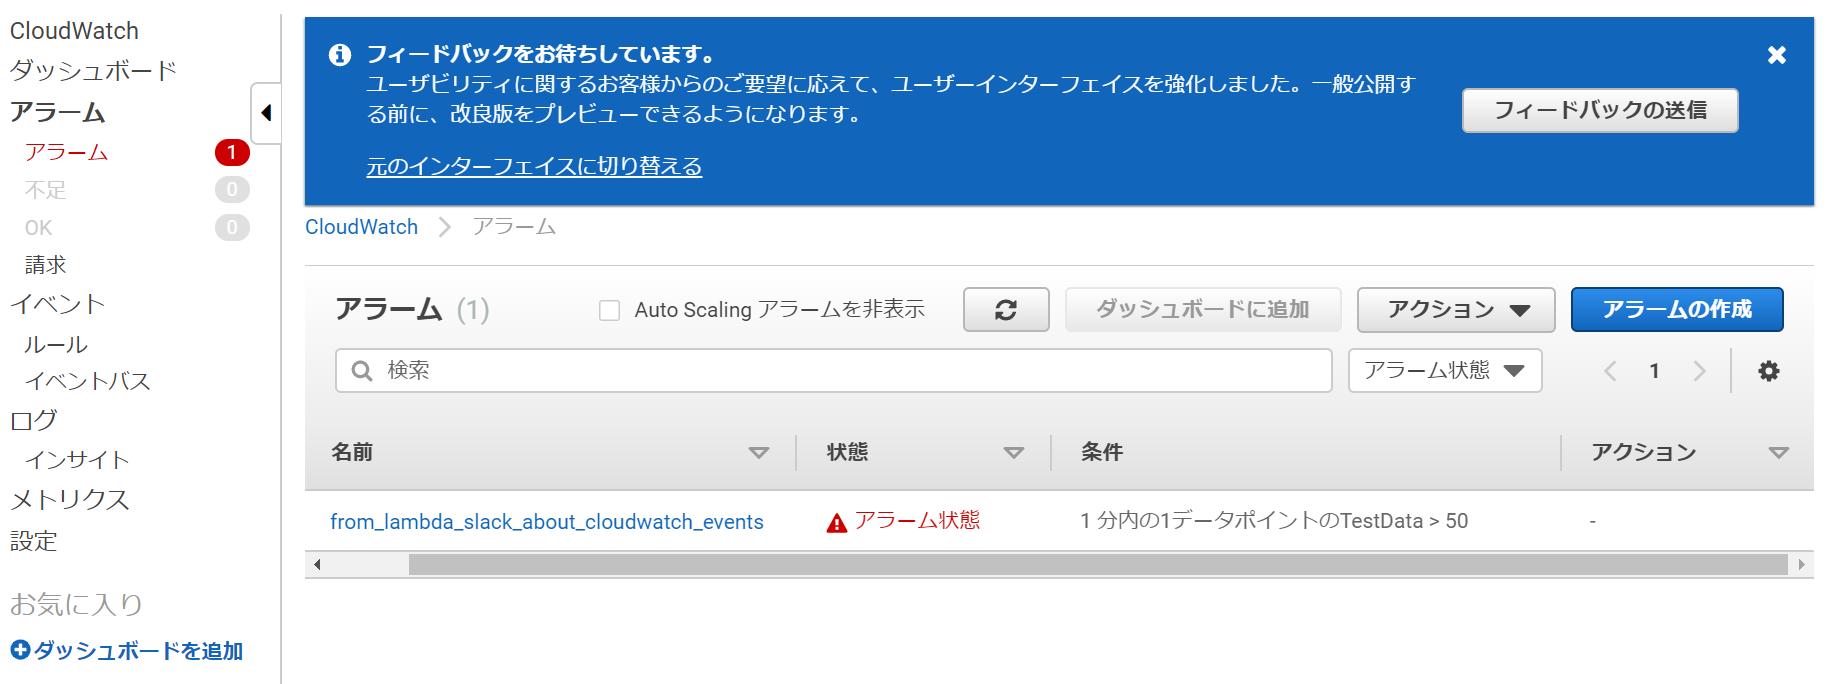 CloudWatch_Alerm02.png